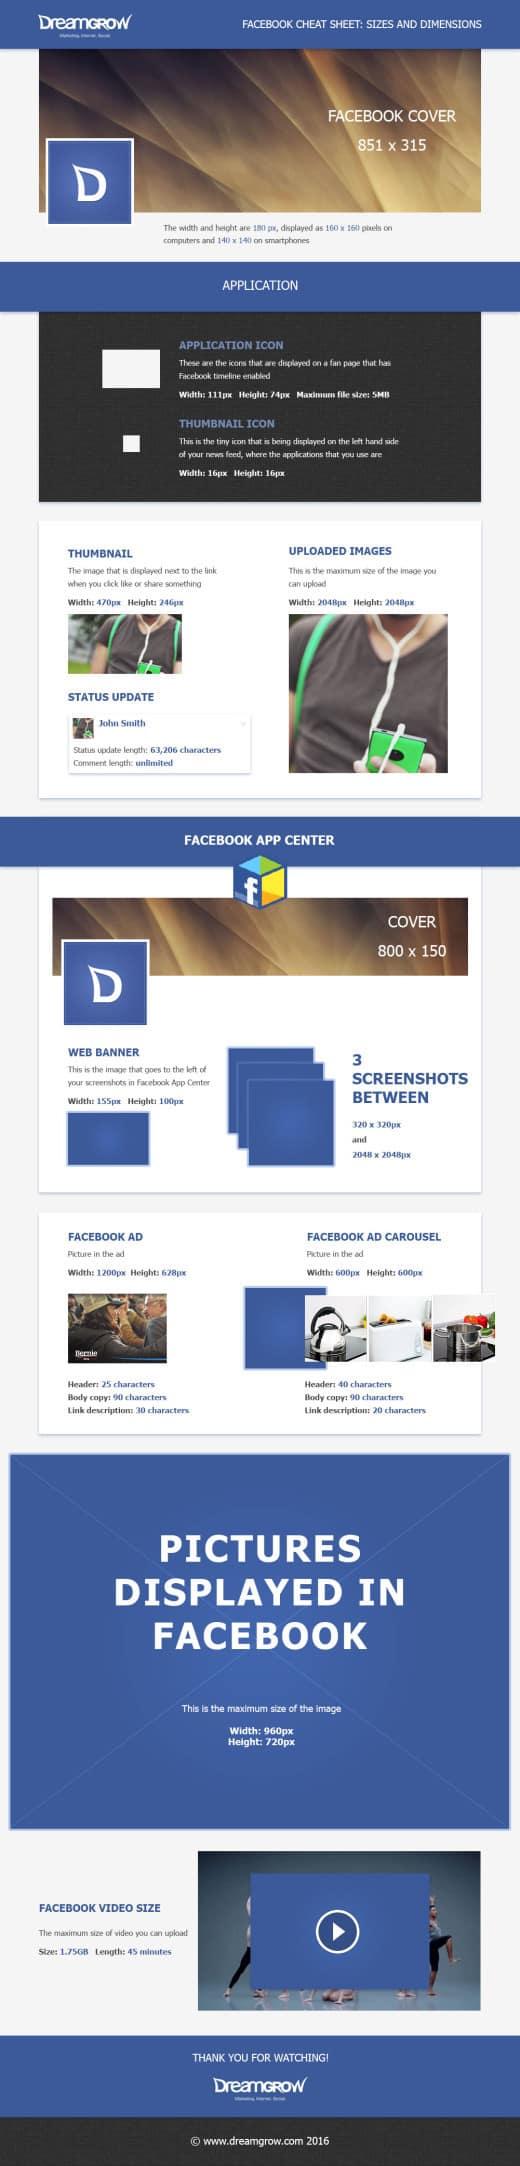 Facebook-Cheat-Sheet-2016